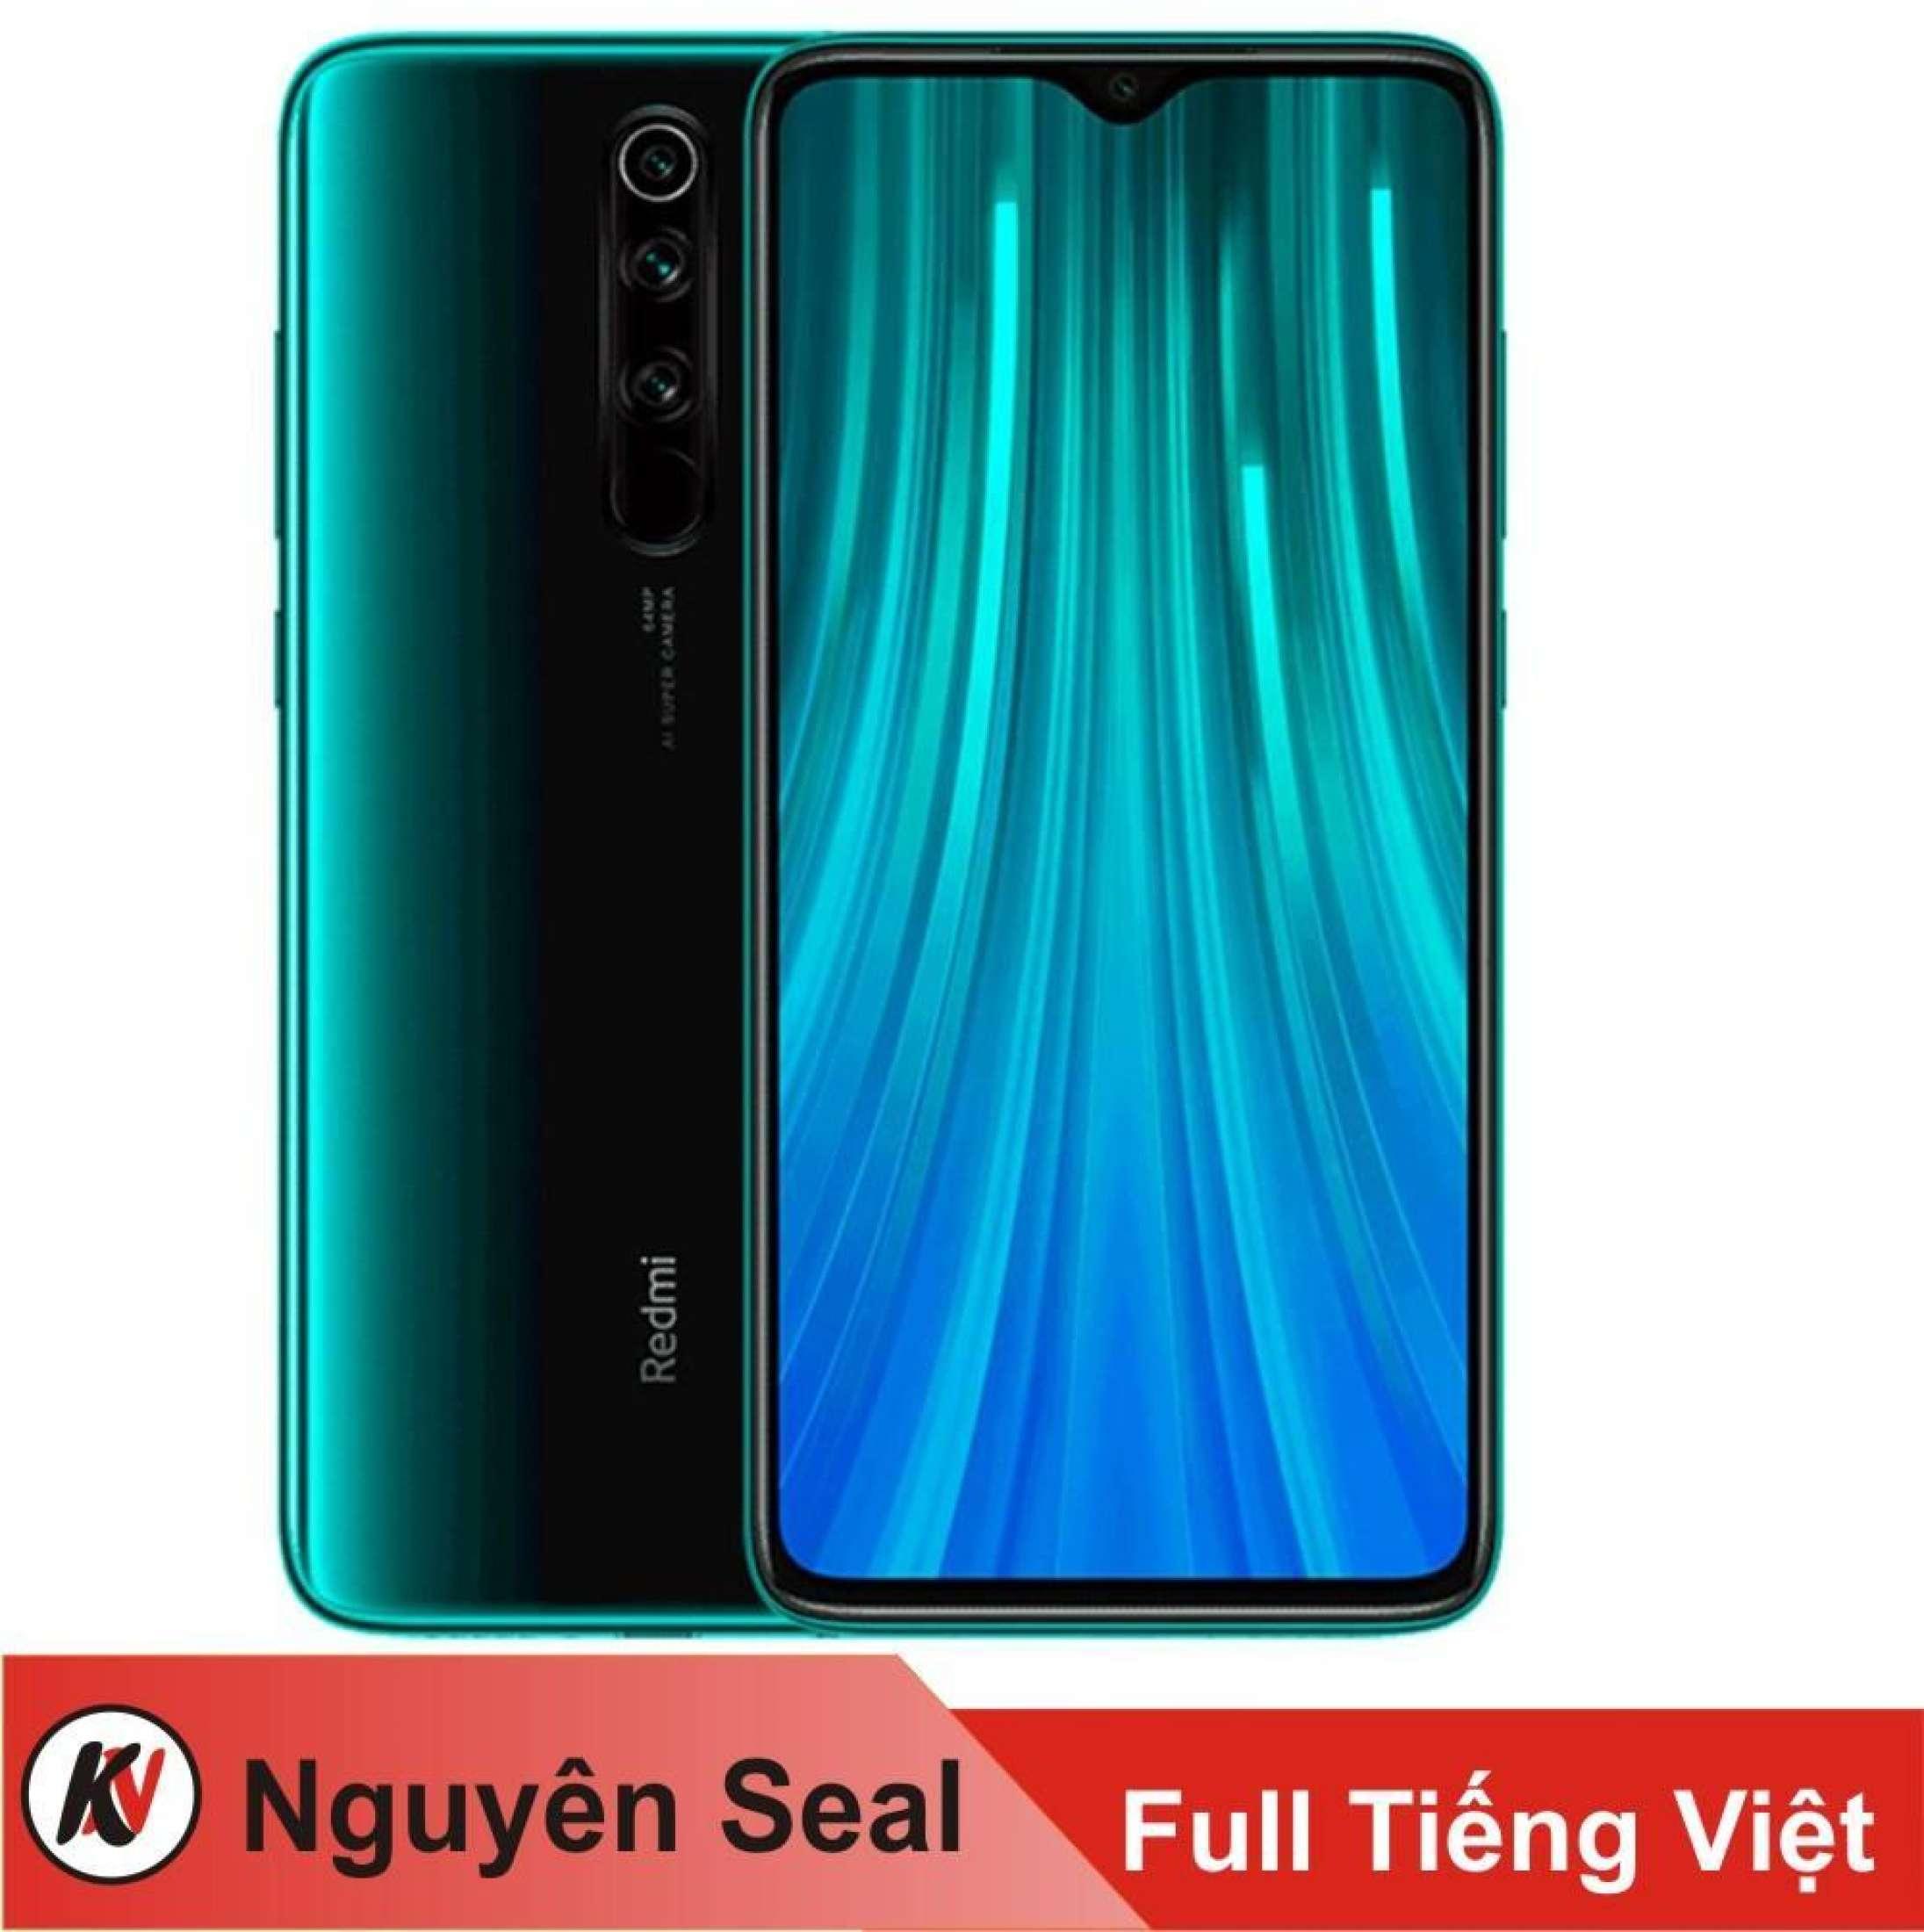 Điện thoại xiaomi note 8 Pro 128gb 8gb ram ips lcd giá tốt